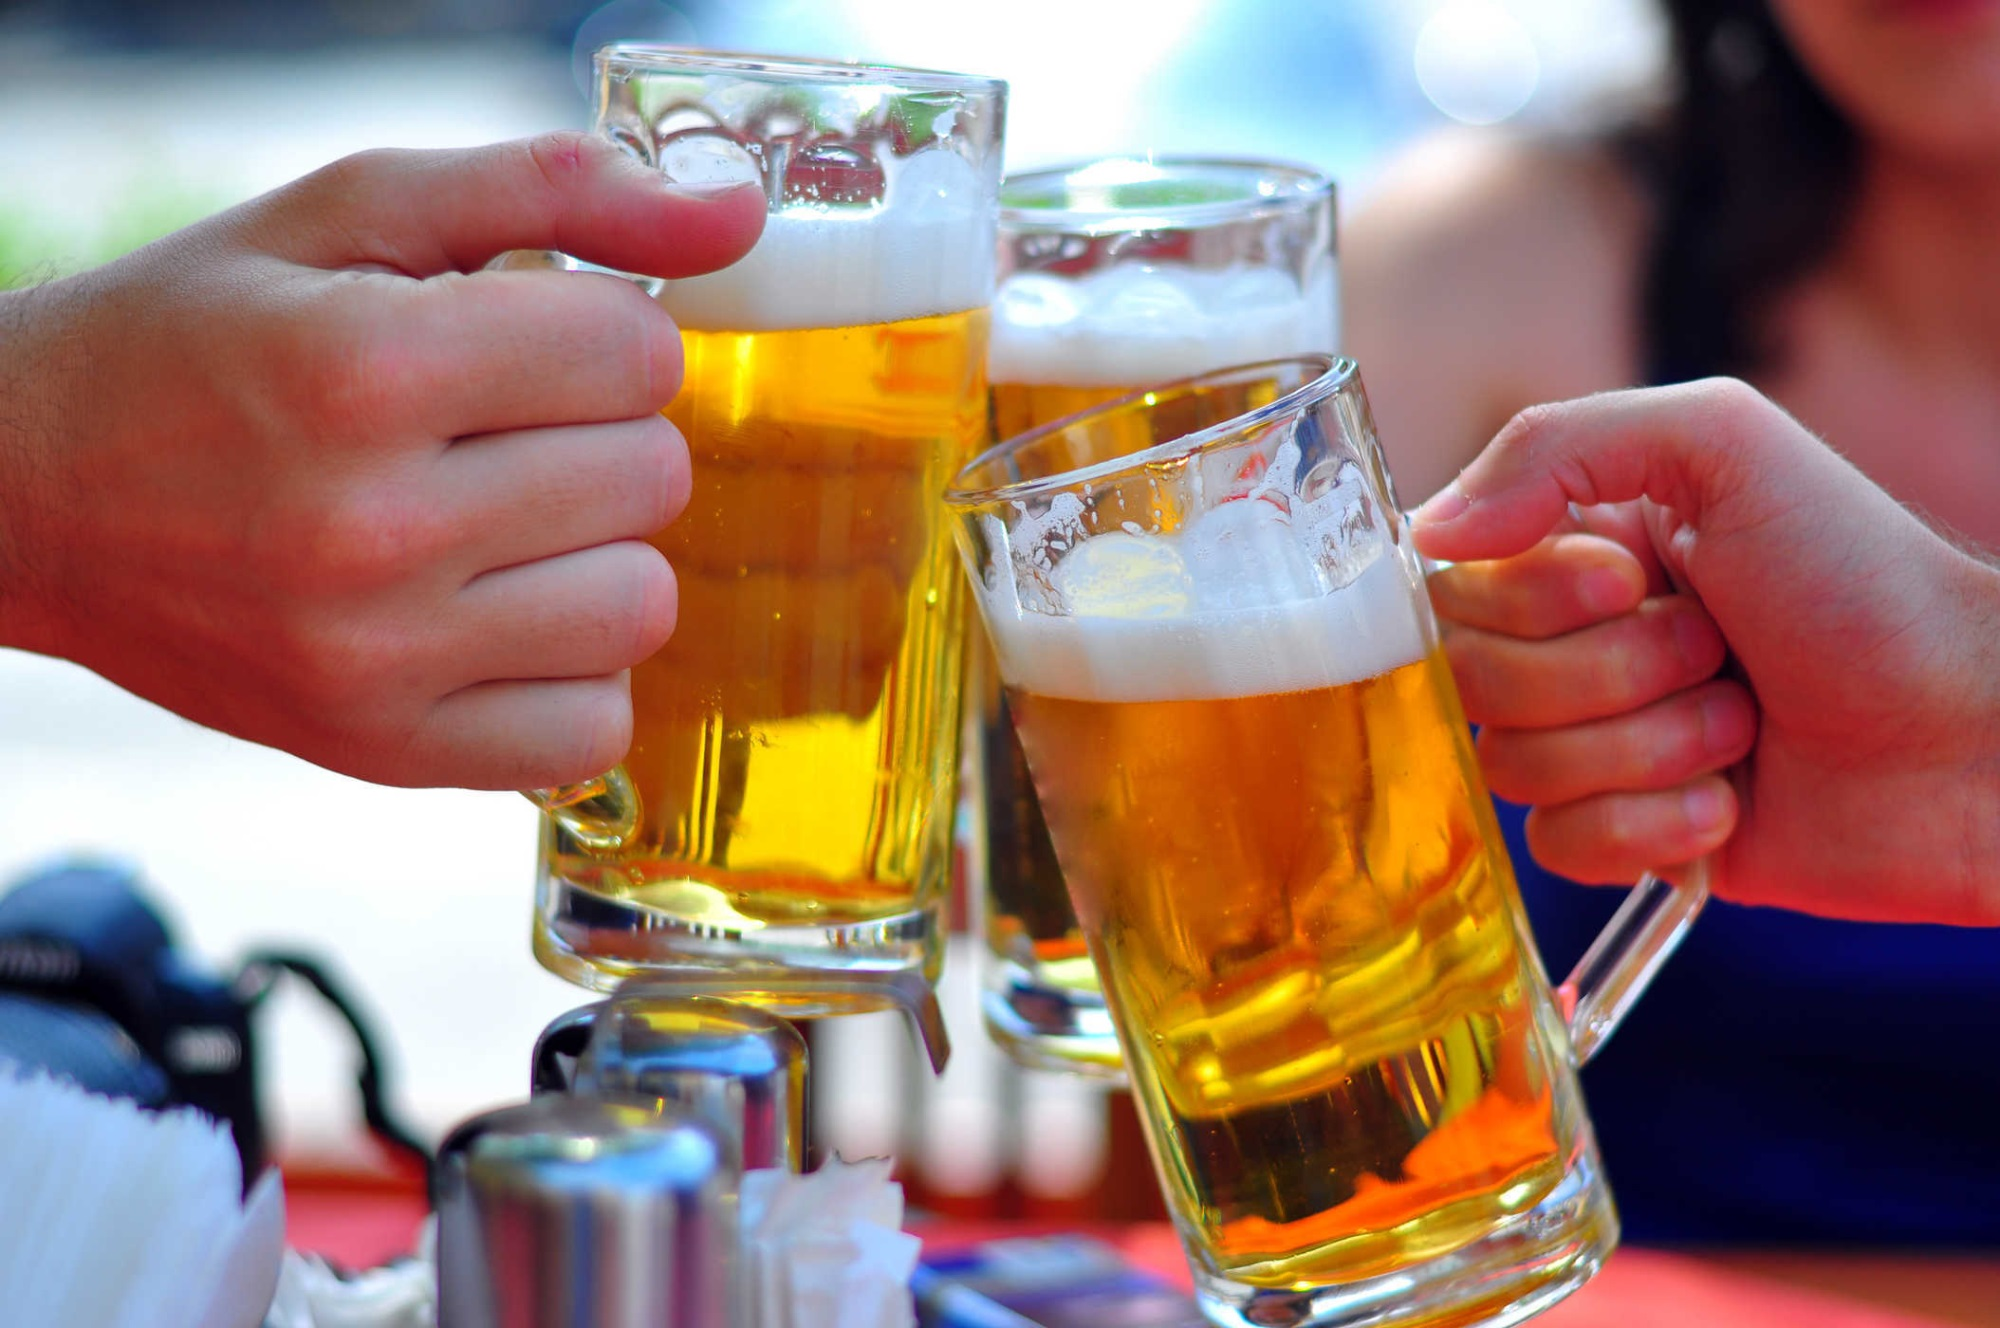 Sức khỏe trẻ em sẽ ra sao nếu 'uống thử' vài ngụm rượu bia? - Ảnh 1